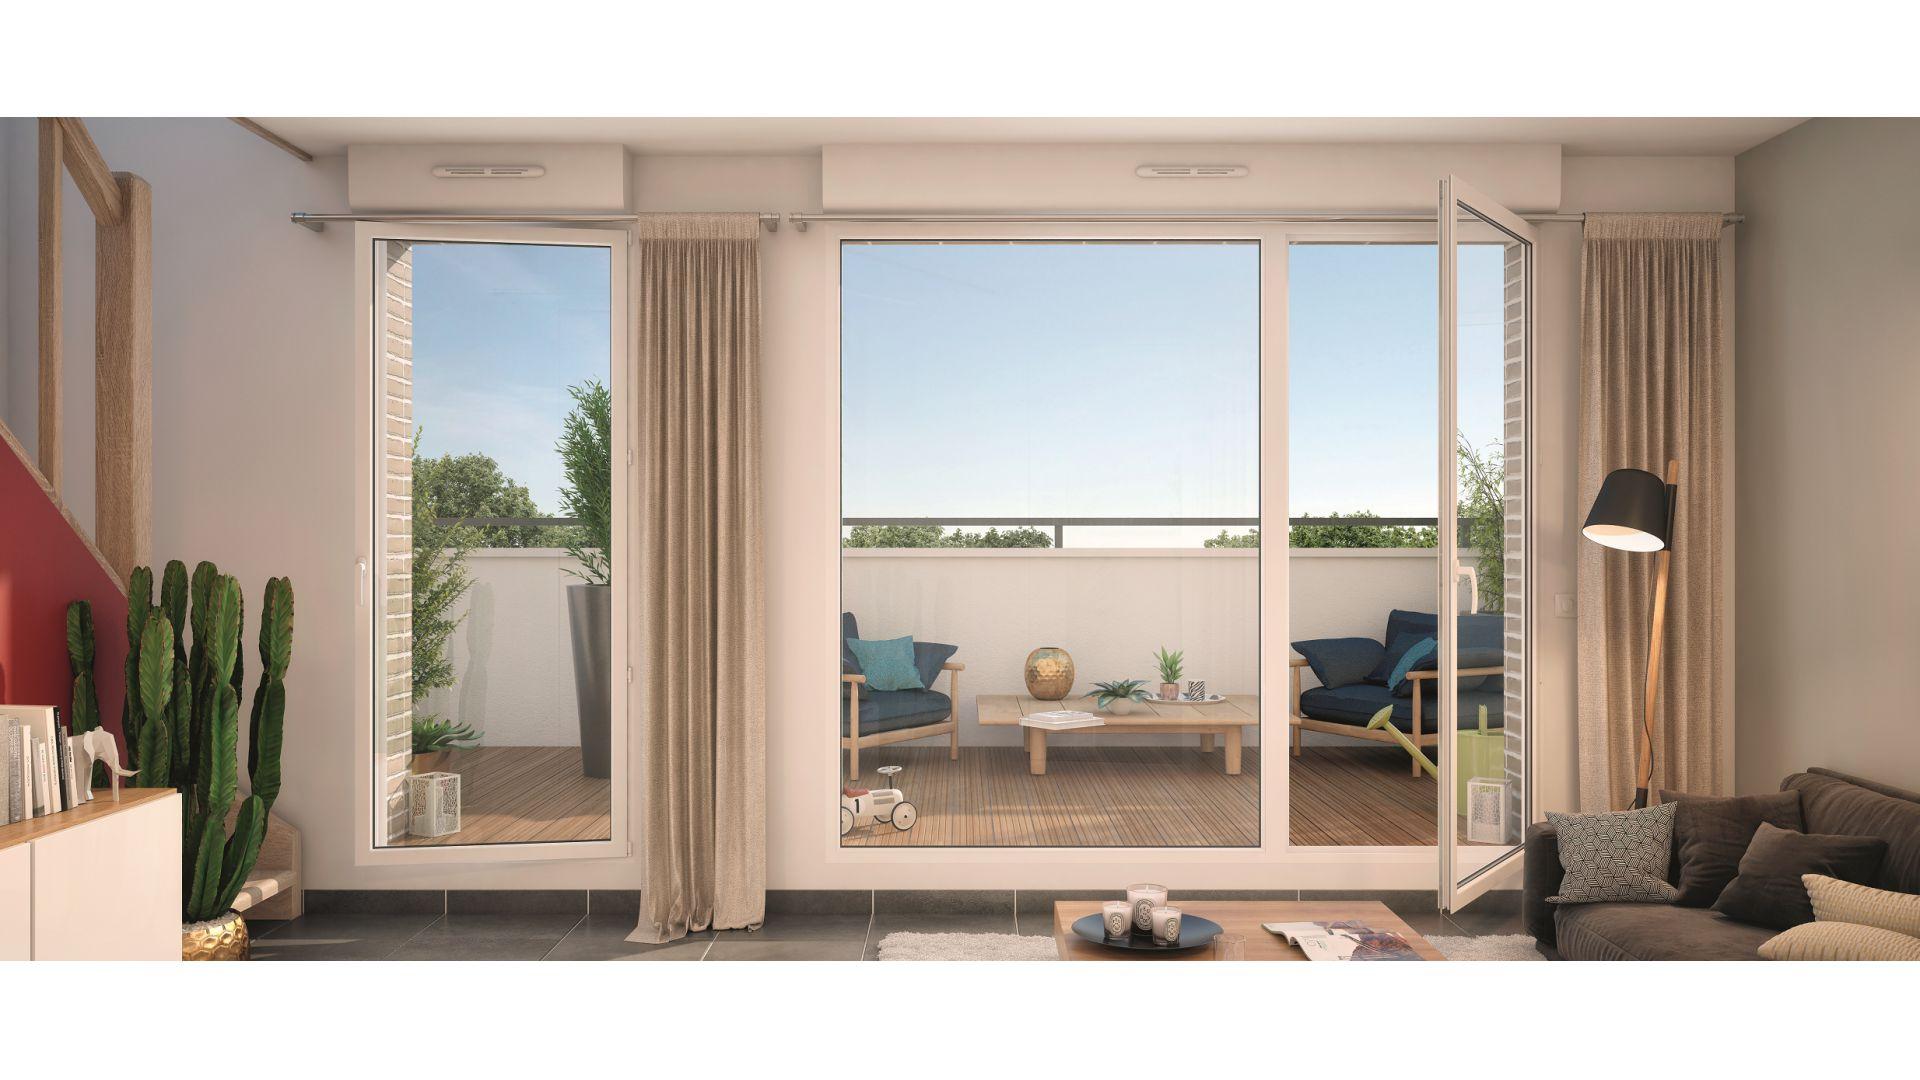 GreenCity immobilier - Livry-Gargan - 93190 - appartements du T1Bis au T3 Duplex - vue terrasse